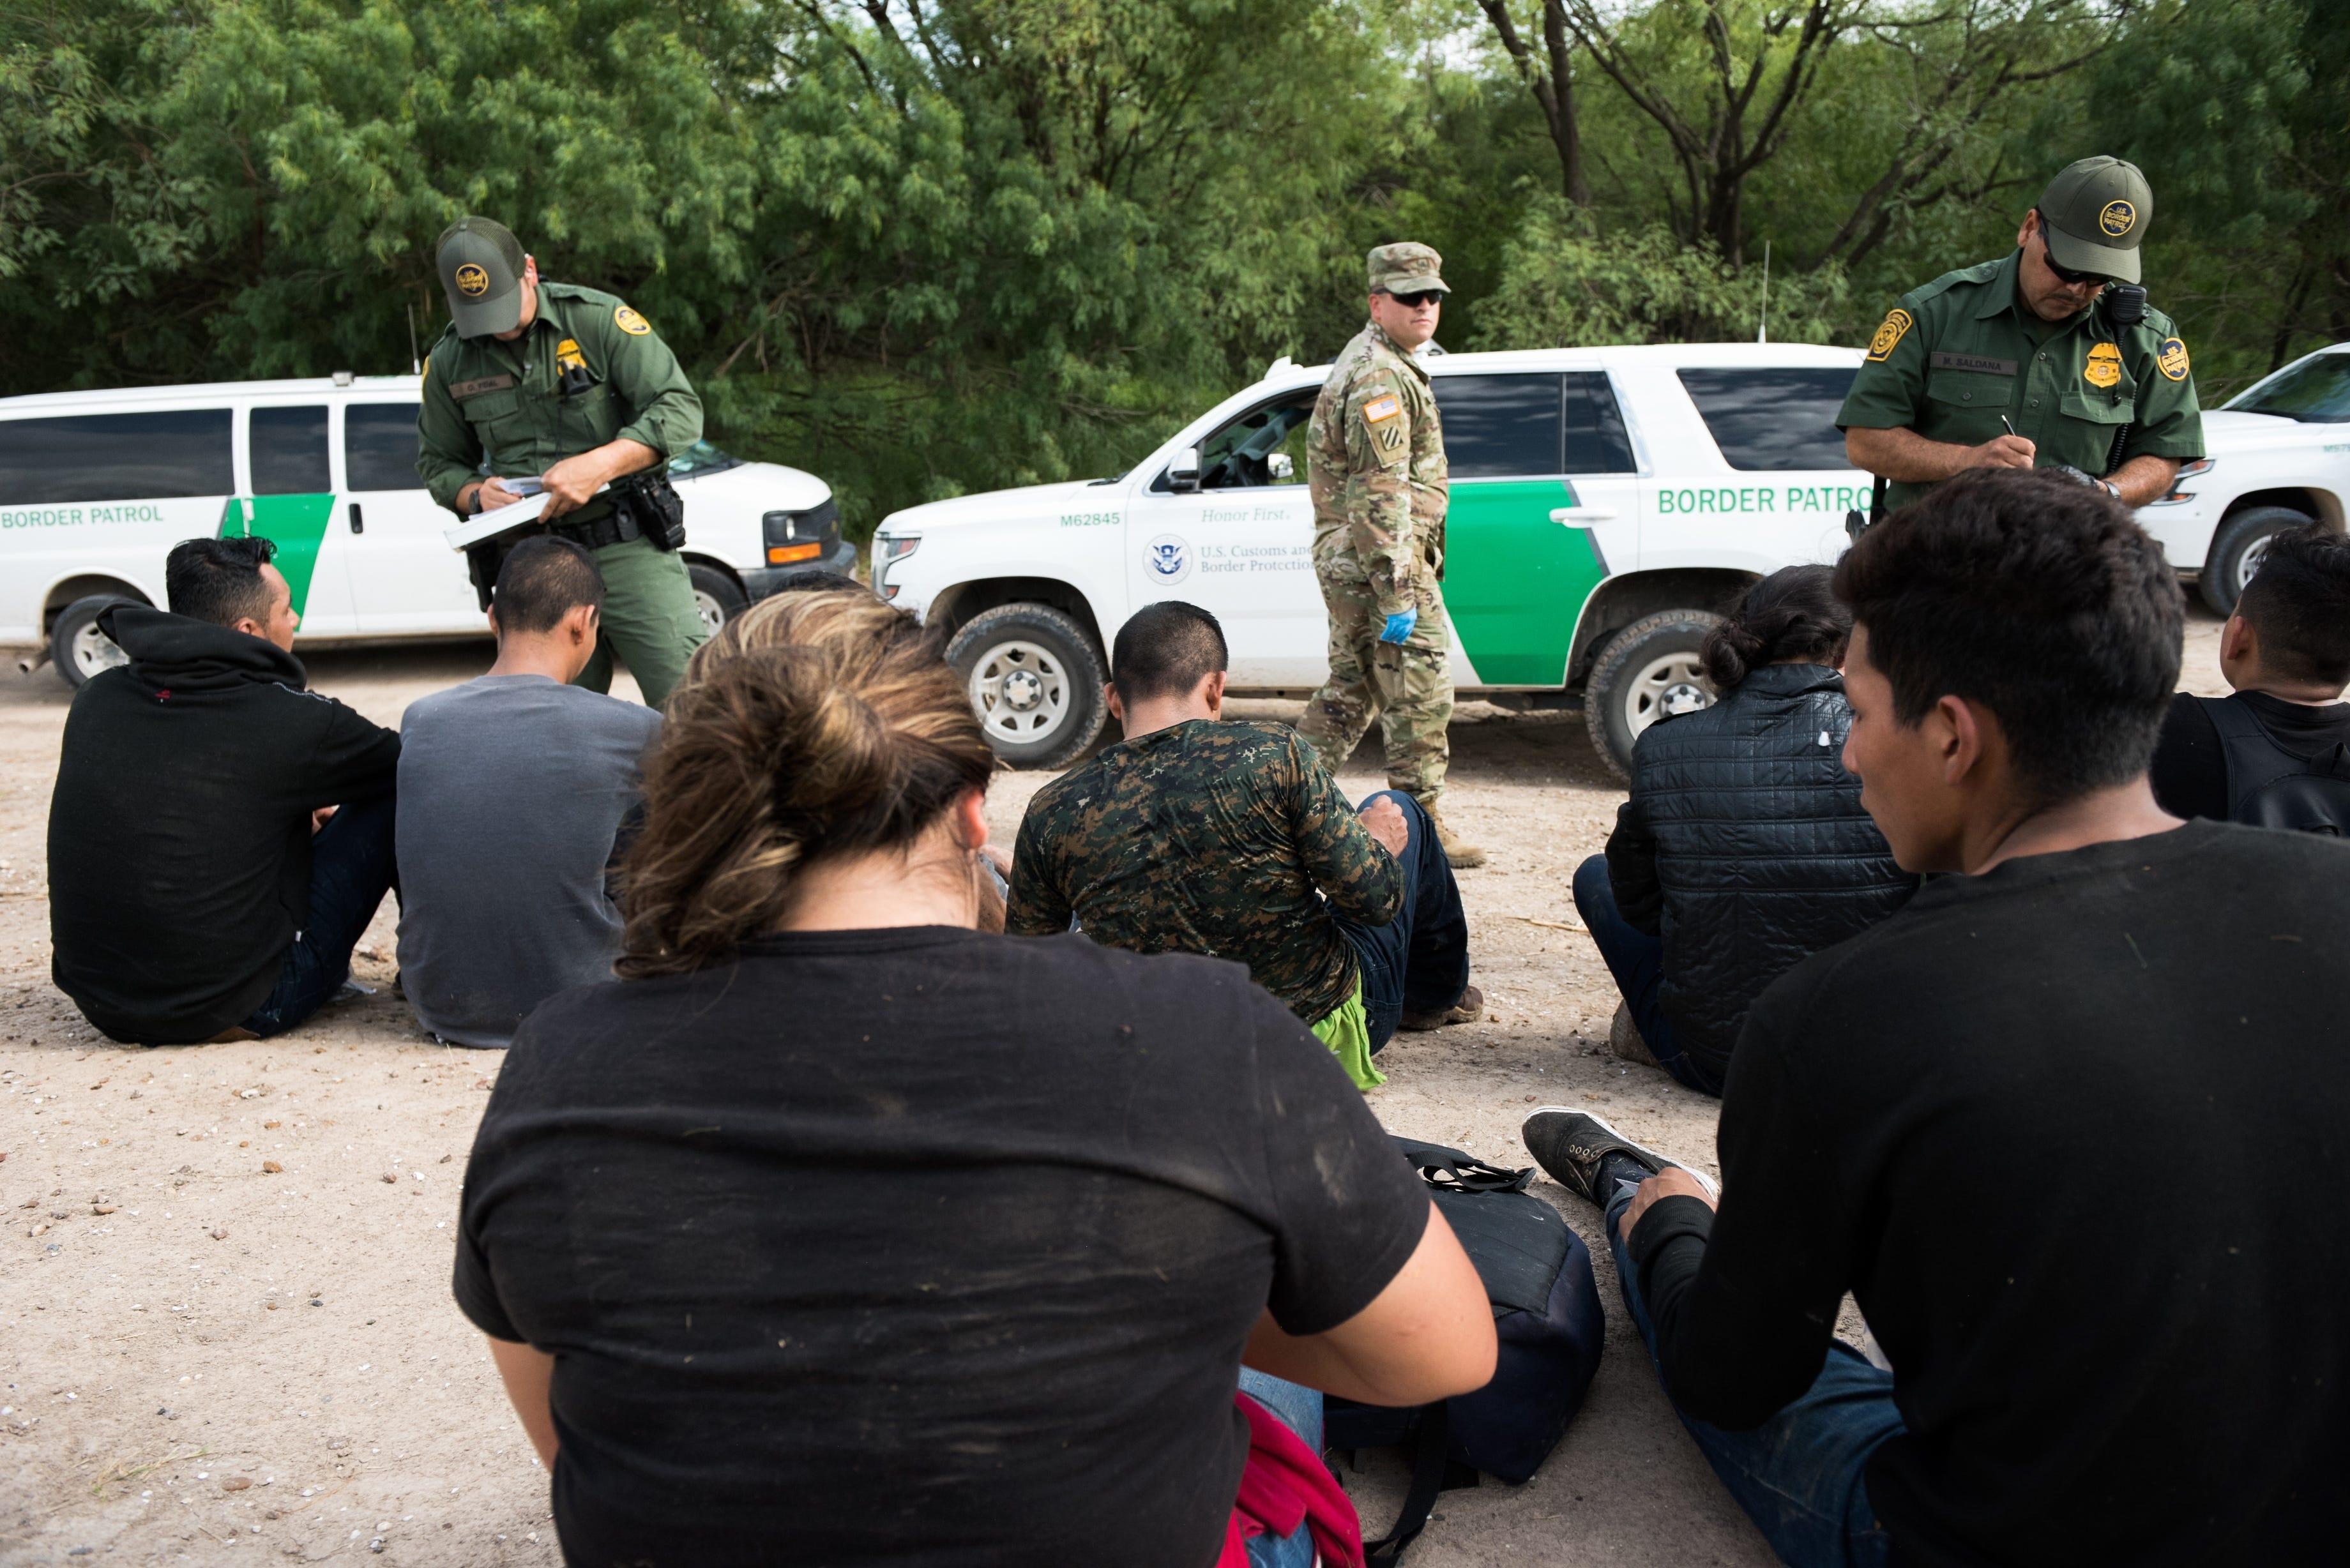 MCALLEN, Texas – Agentes de la Patrulla Fronteriza detienen a migrantes que entraron a Estados Unidos de manera ilegal a intentaron evadir la captura. El sector del Valle del Río Grande es uno de los nueve sectores de la Patrulla Fronteriza a lo largo de la frontera suroeste de los Estados Unidos.